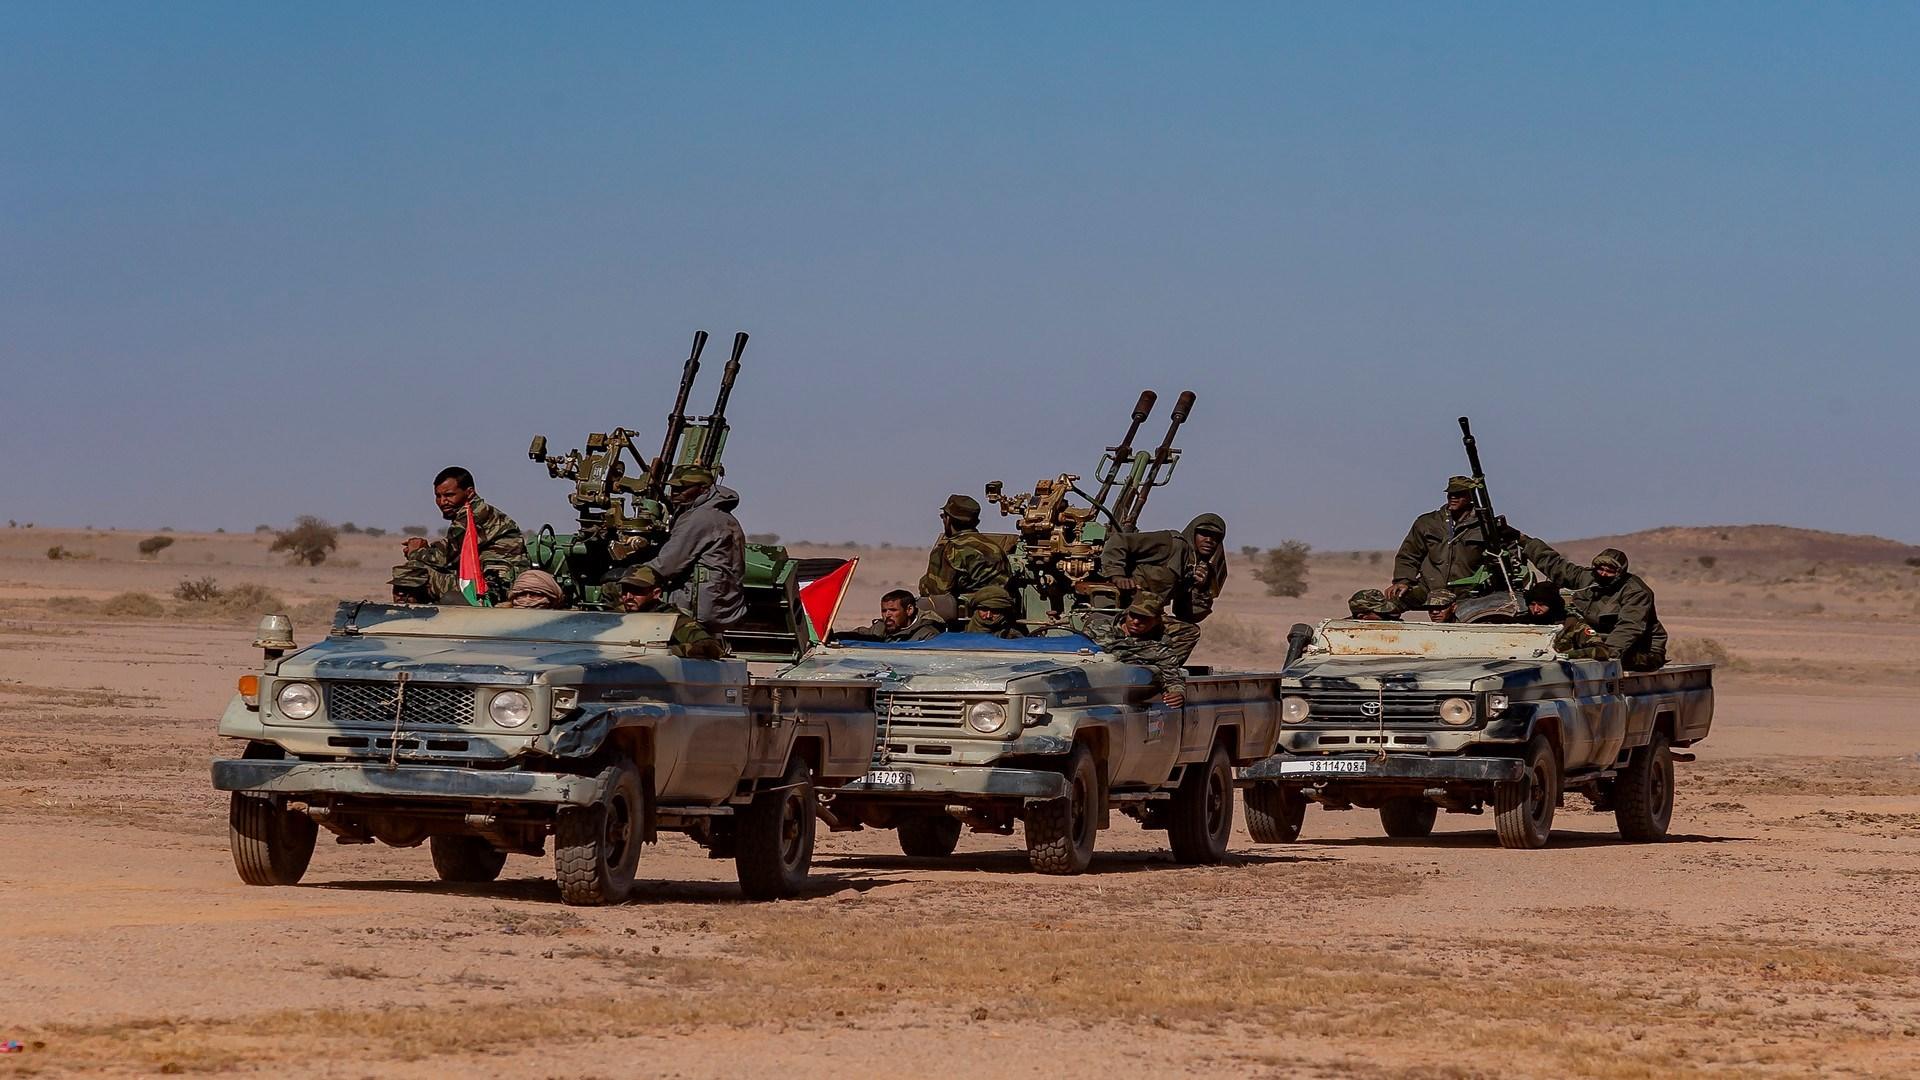 المغرب يعلن بدء عملية عسكرية في منطقة الكركرات مع الصحراء الغربية